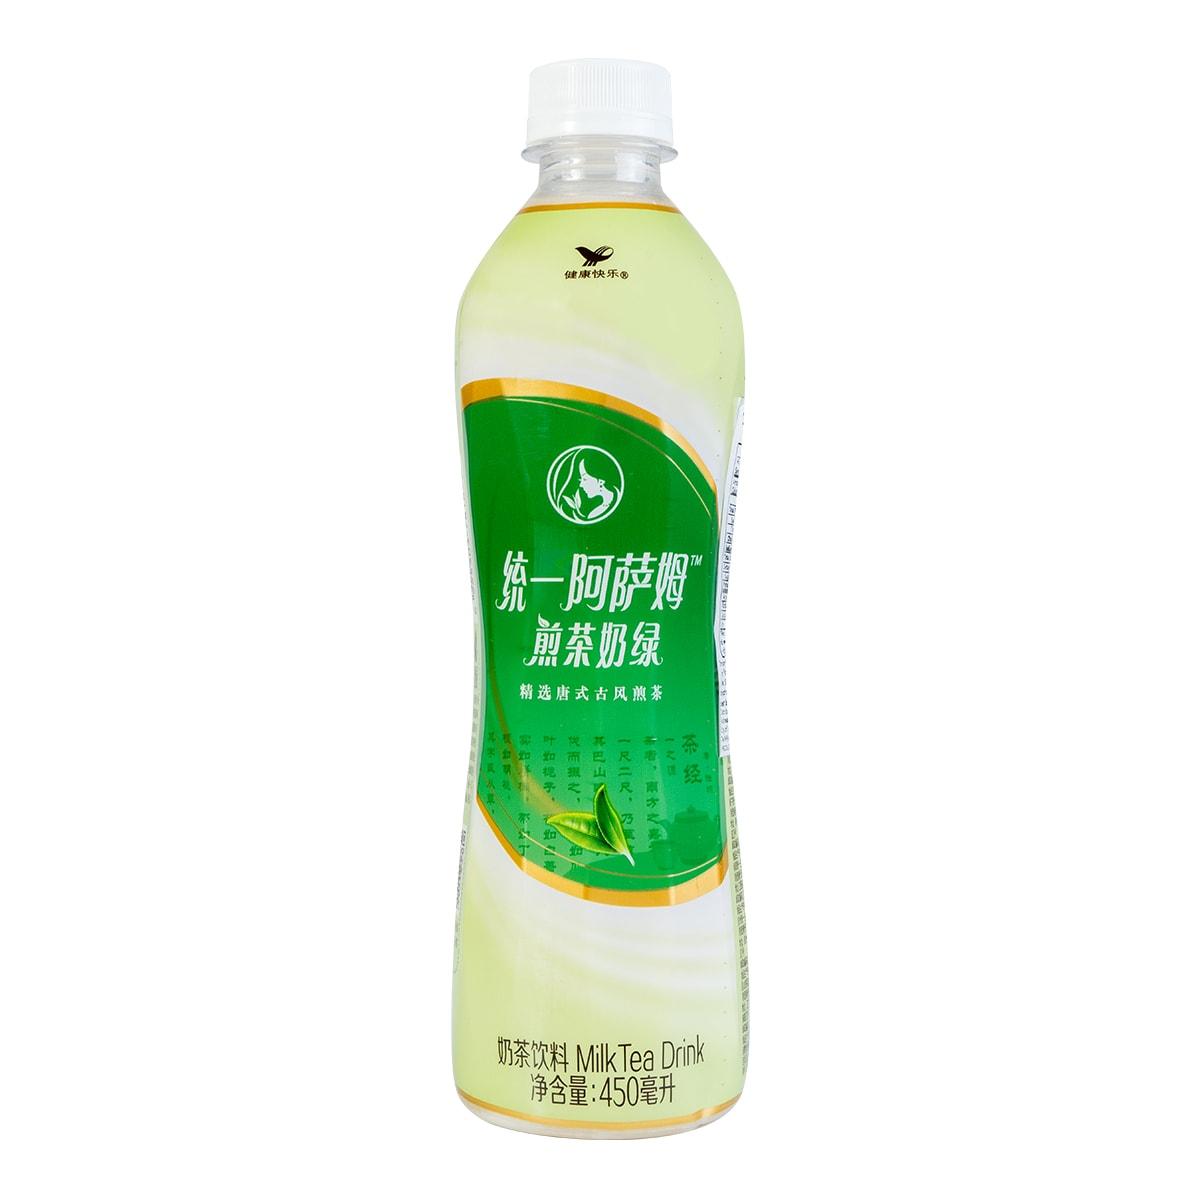 台湾统一 阿萨姆煎茶奶绿 450ml